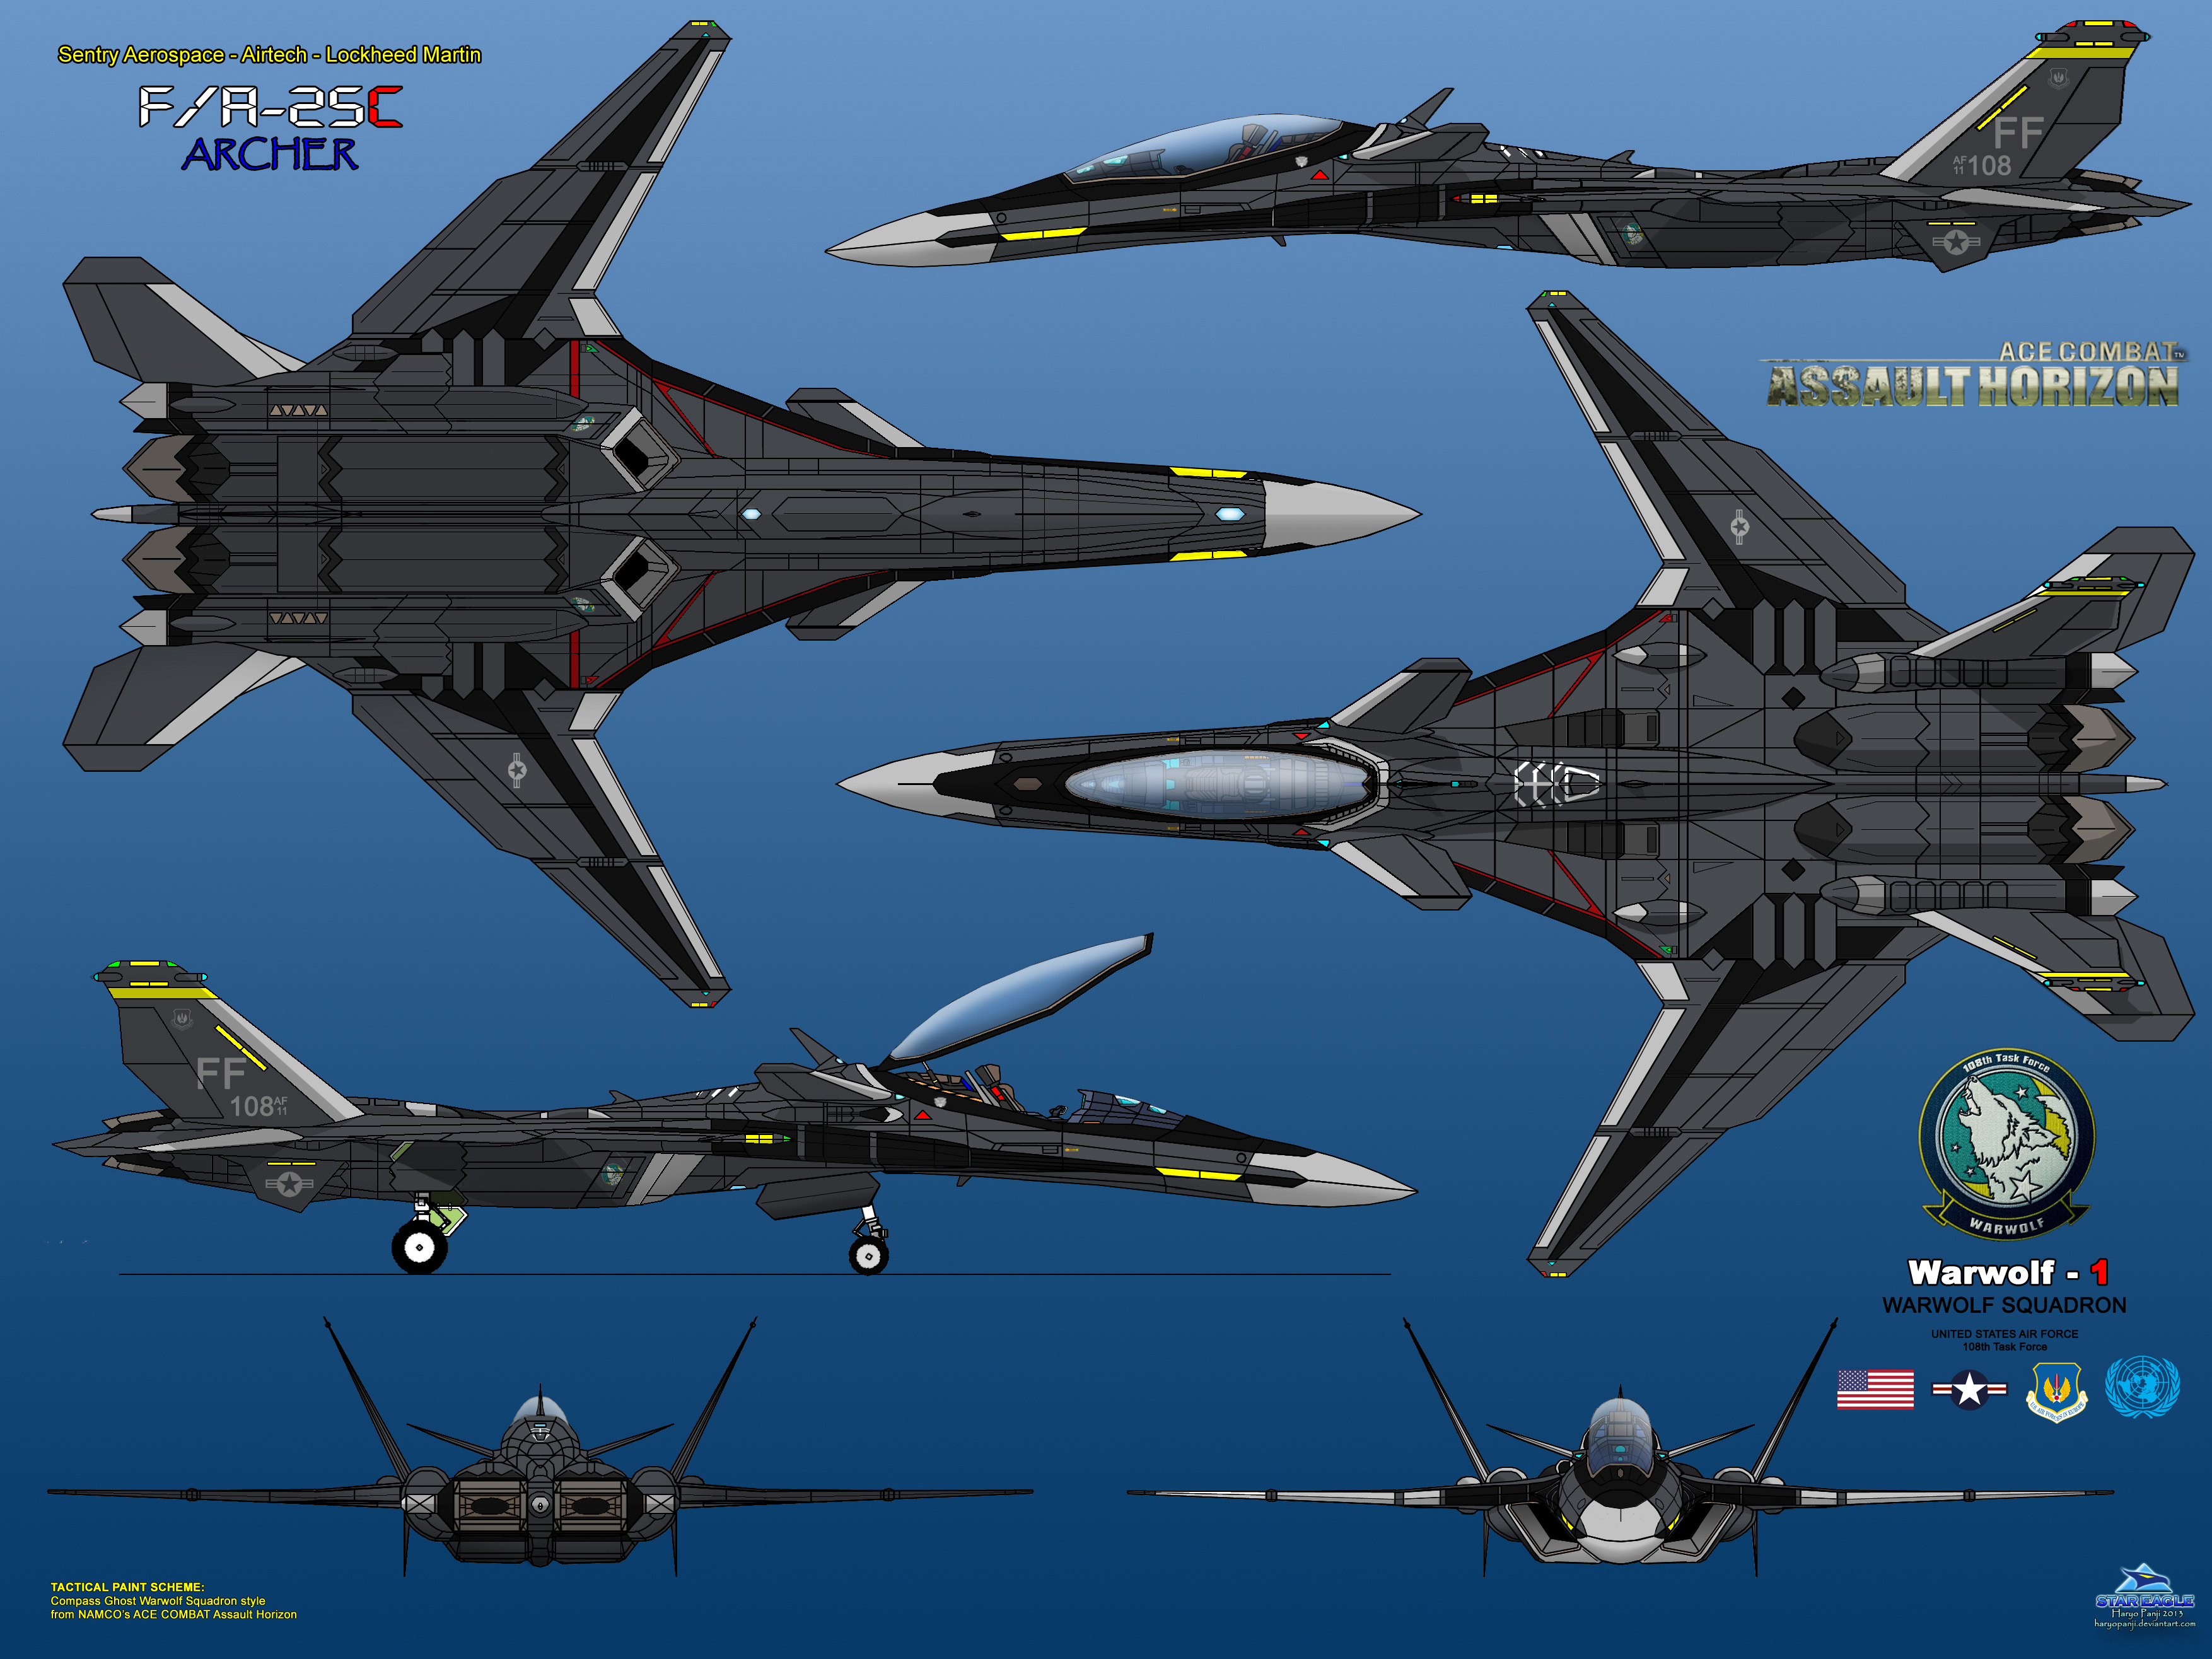 F/A-25C Archer by haryopanji